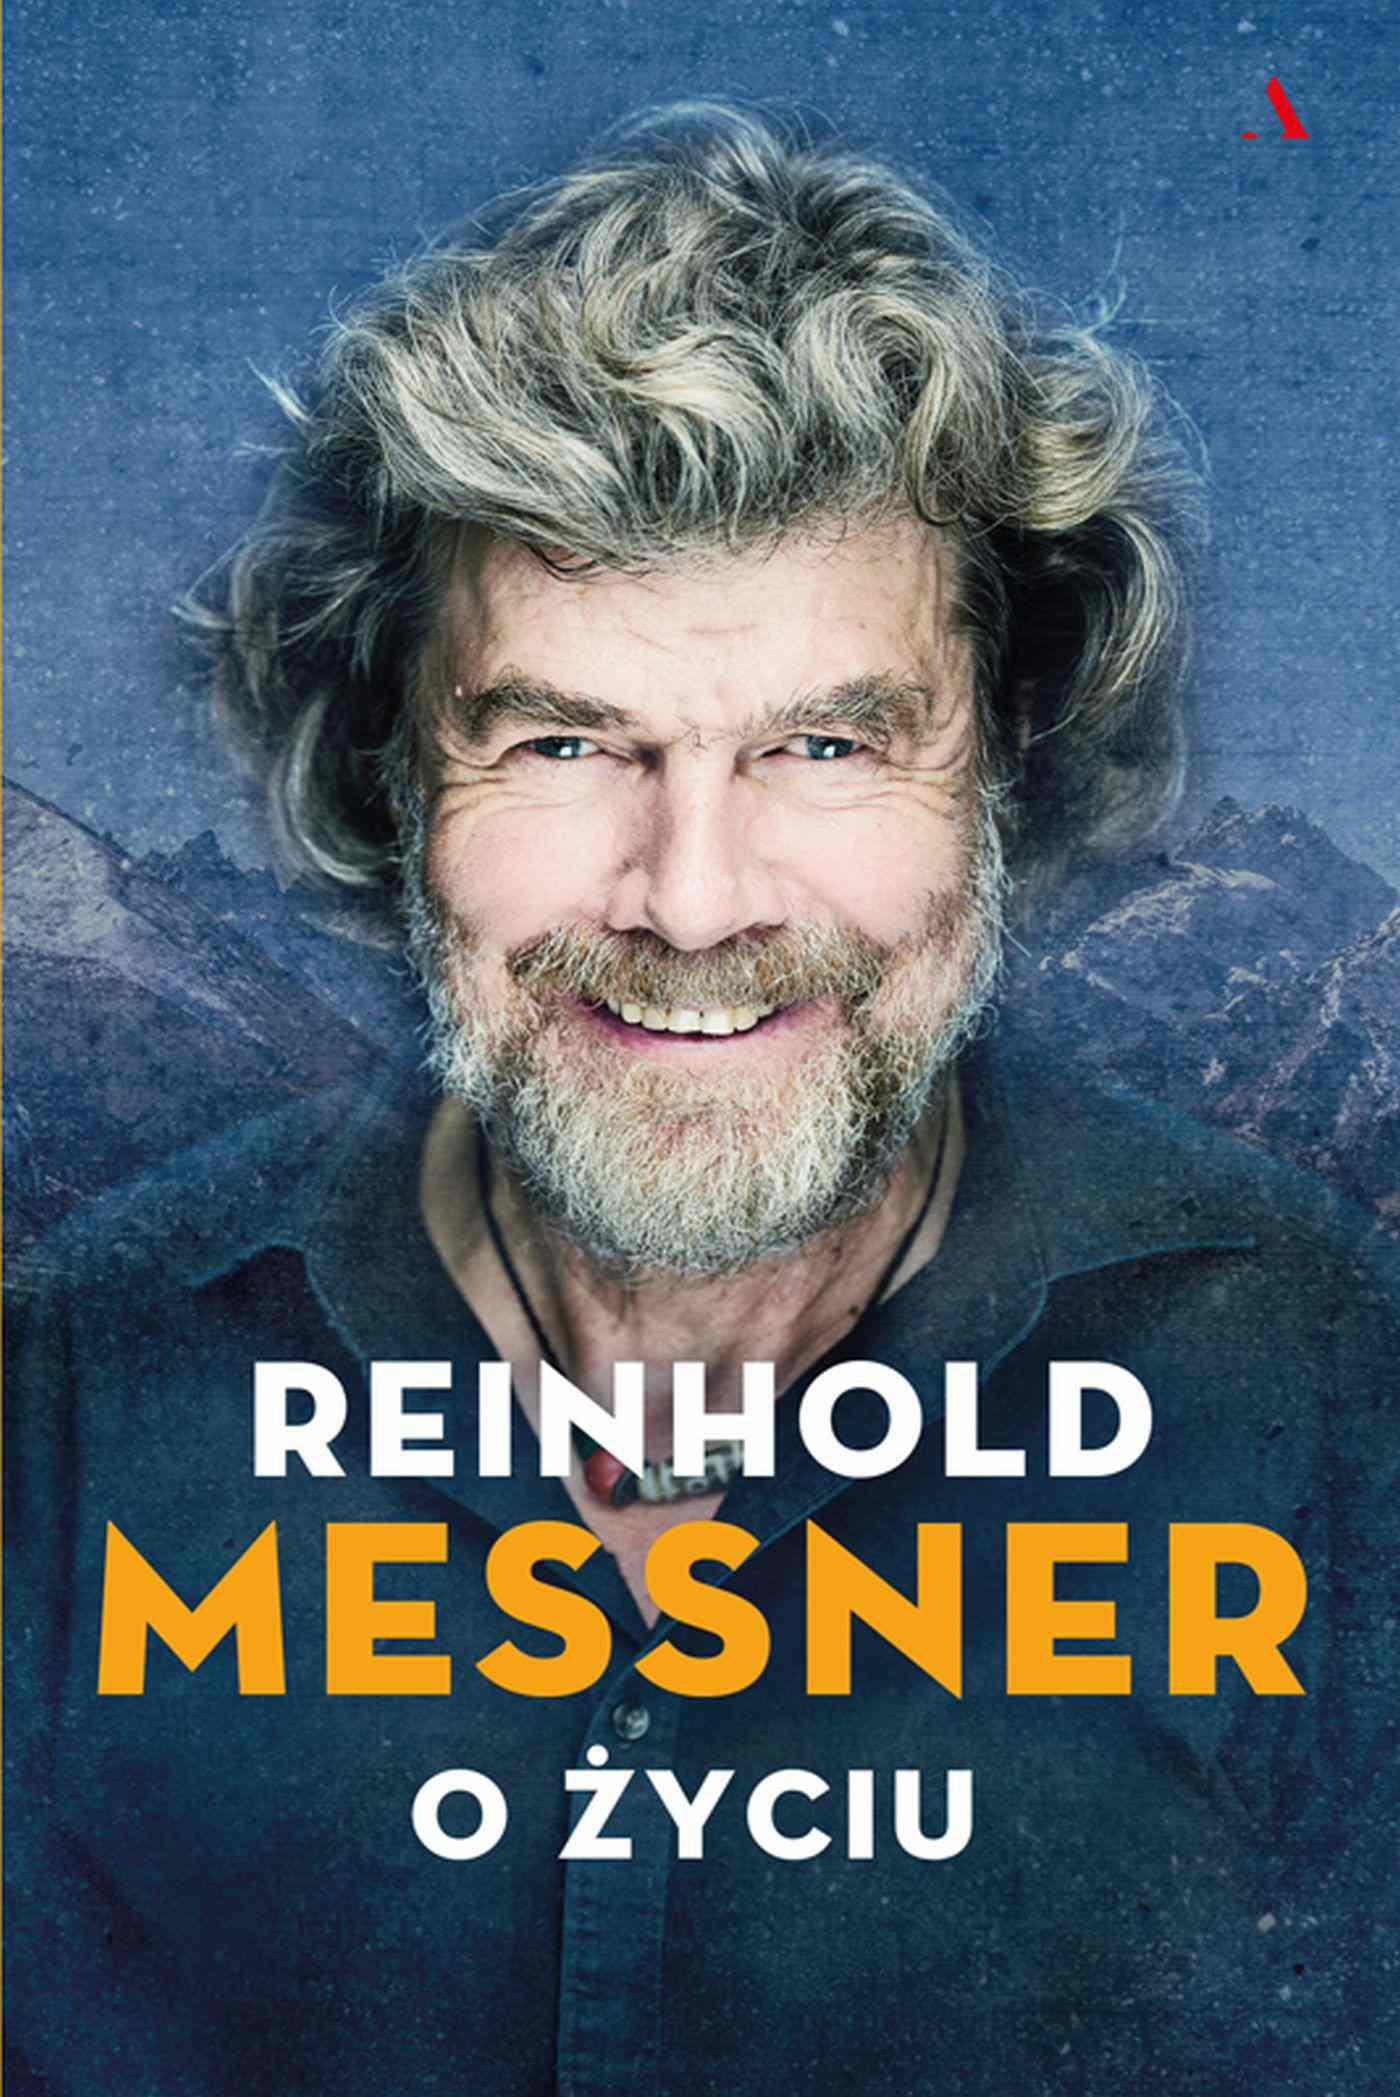 Reinhold Messner. O życiu. Symbolicznych 70 rozdziałów osobistej historii. - Ebook (Książka na Kindle) do pobrania w formacie MOBI